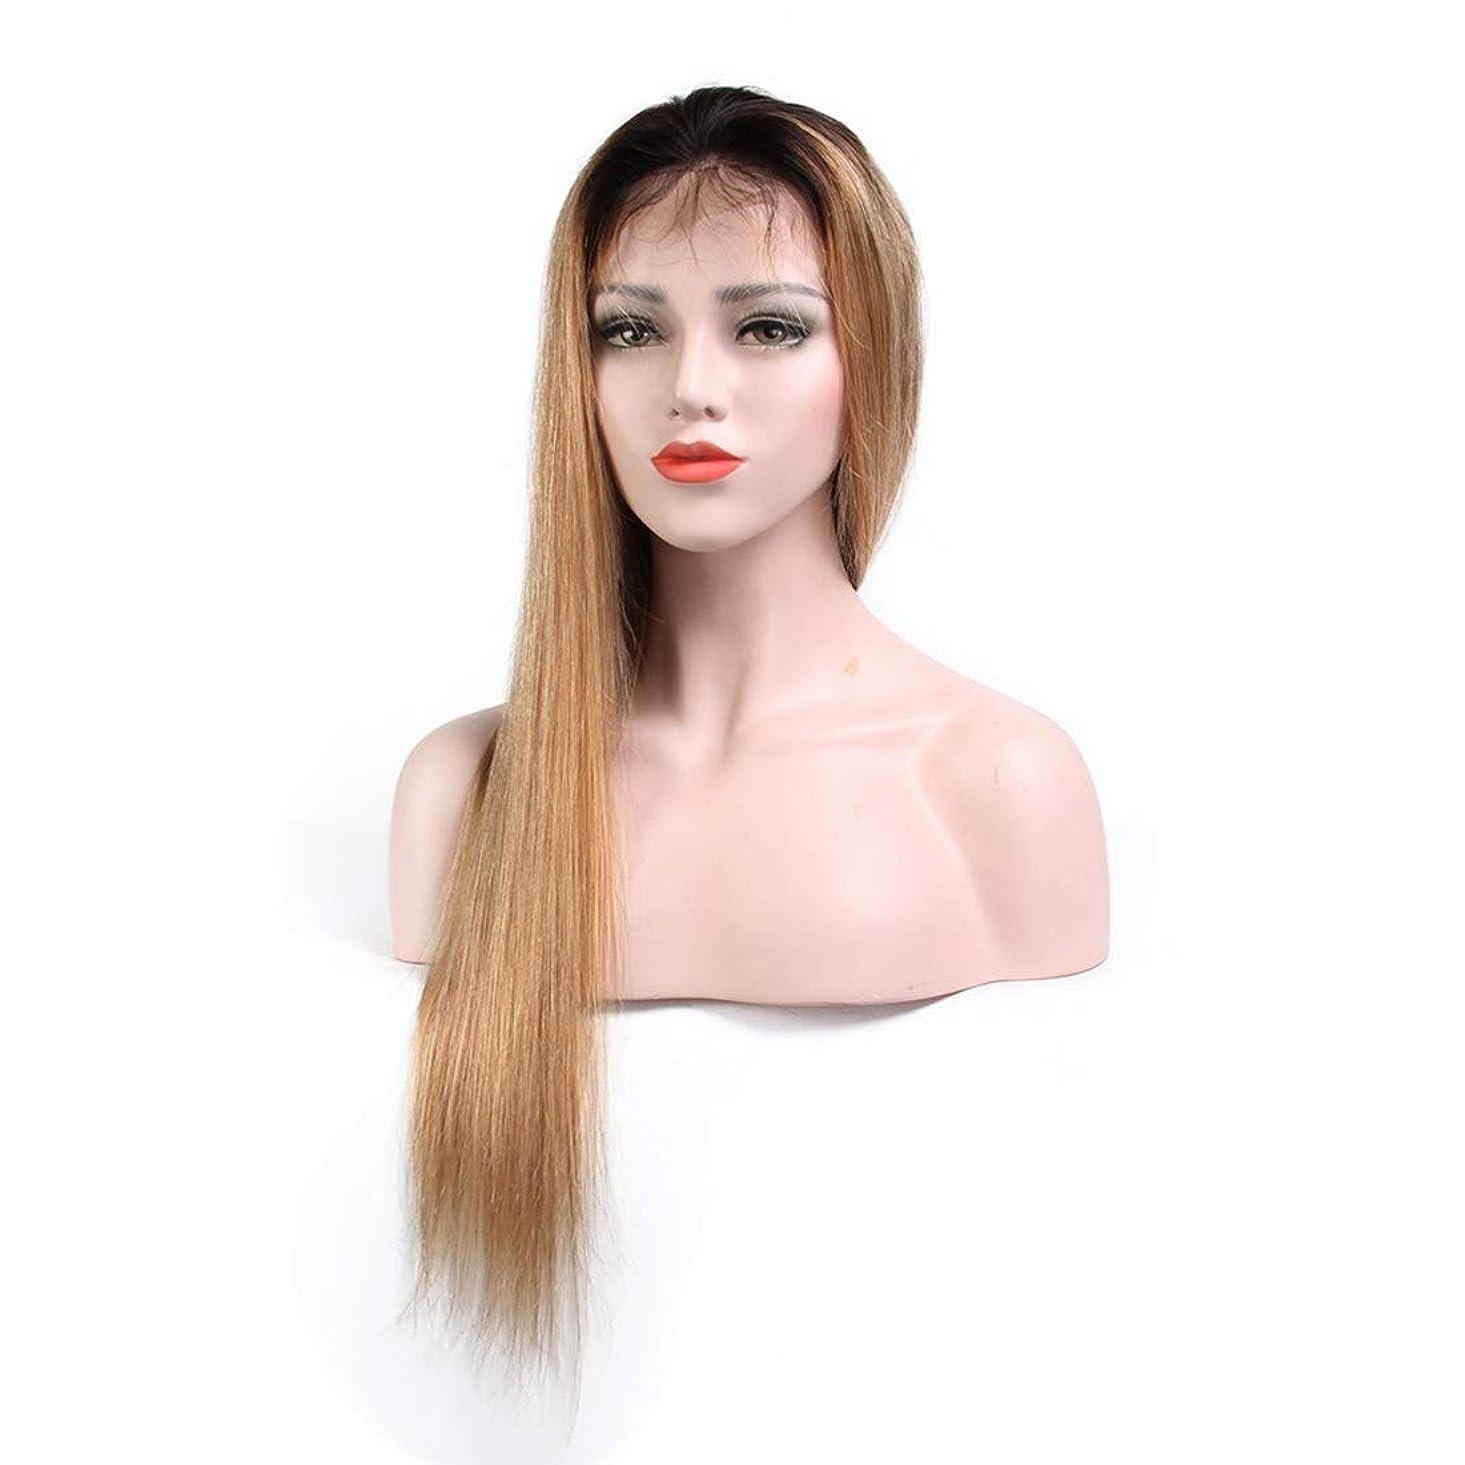 不快変換する育成JIANFU 100%リアルヘアストレートヘアライトブラウンウィッグヘッドギアフロントレースエアバンウィッグ (サイズ : 20 inch)